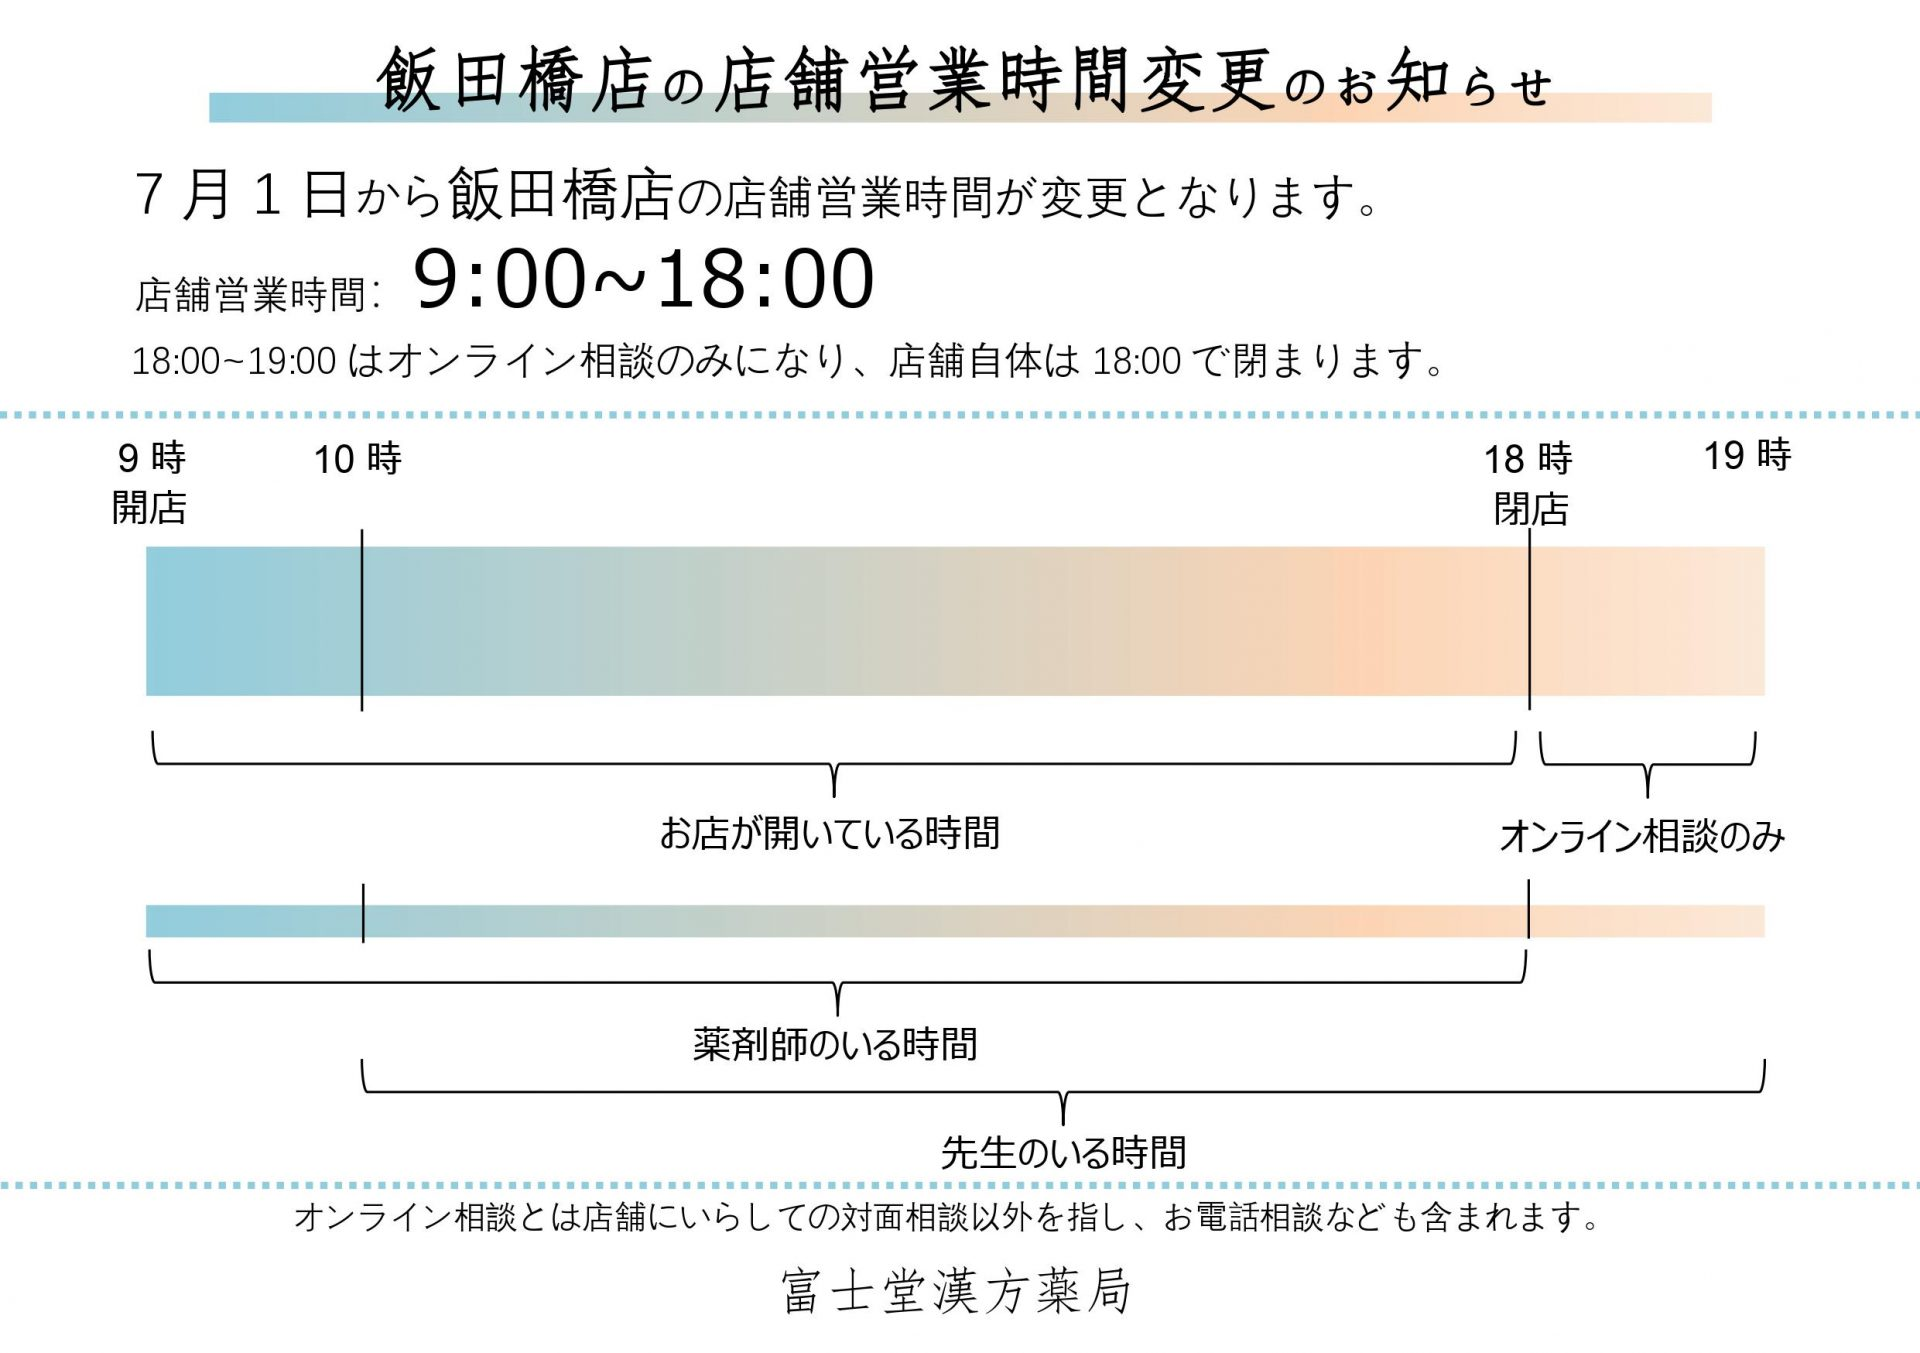 飯田橋店営業時間変更&レジ袋有料化のお知らせ